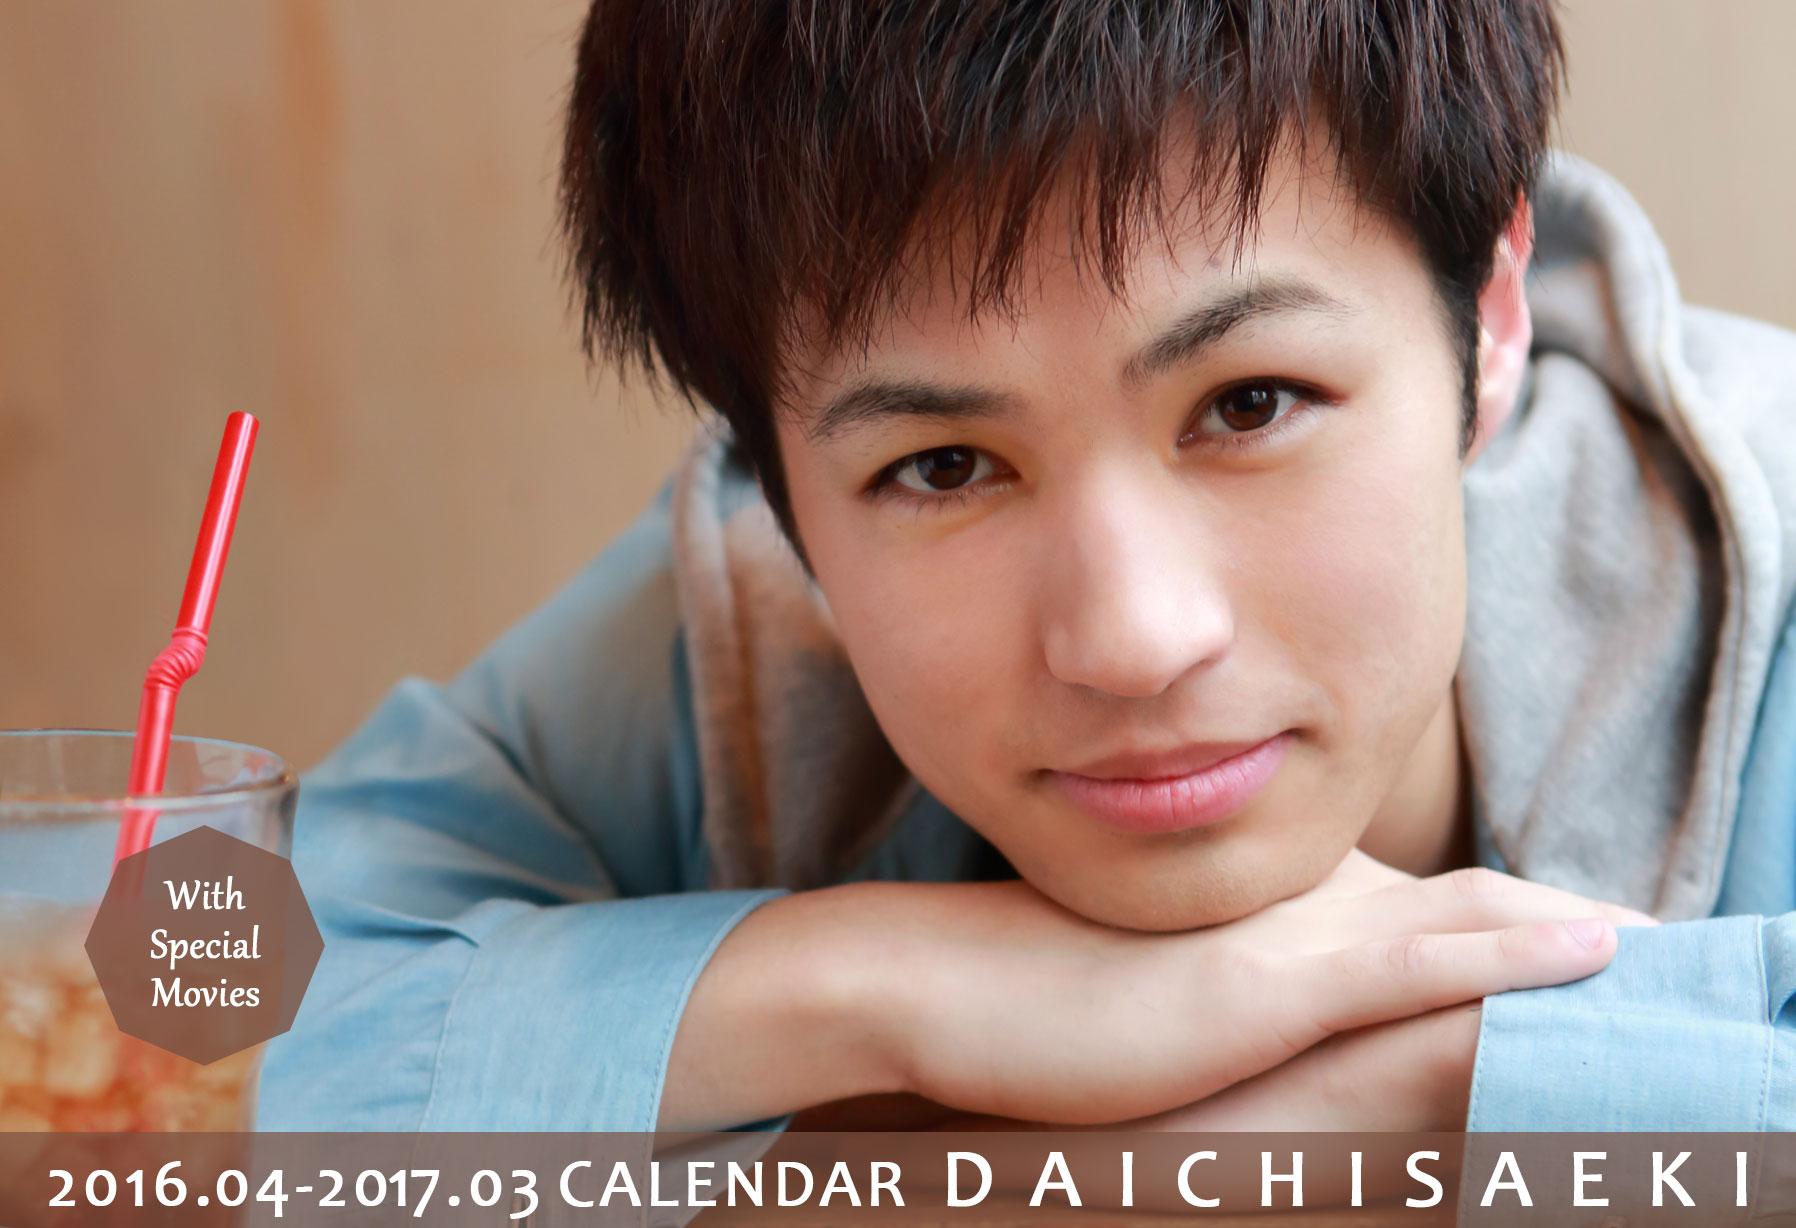 佐伯大地2016カレンダー【A】(3,000円) ※AR動画付き